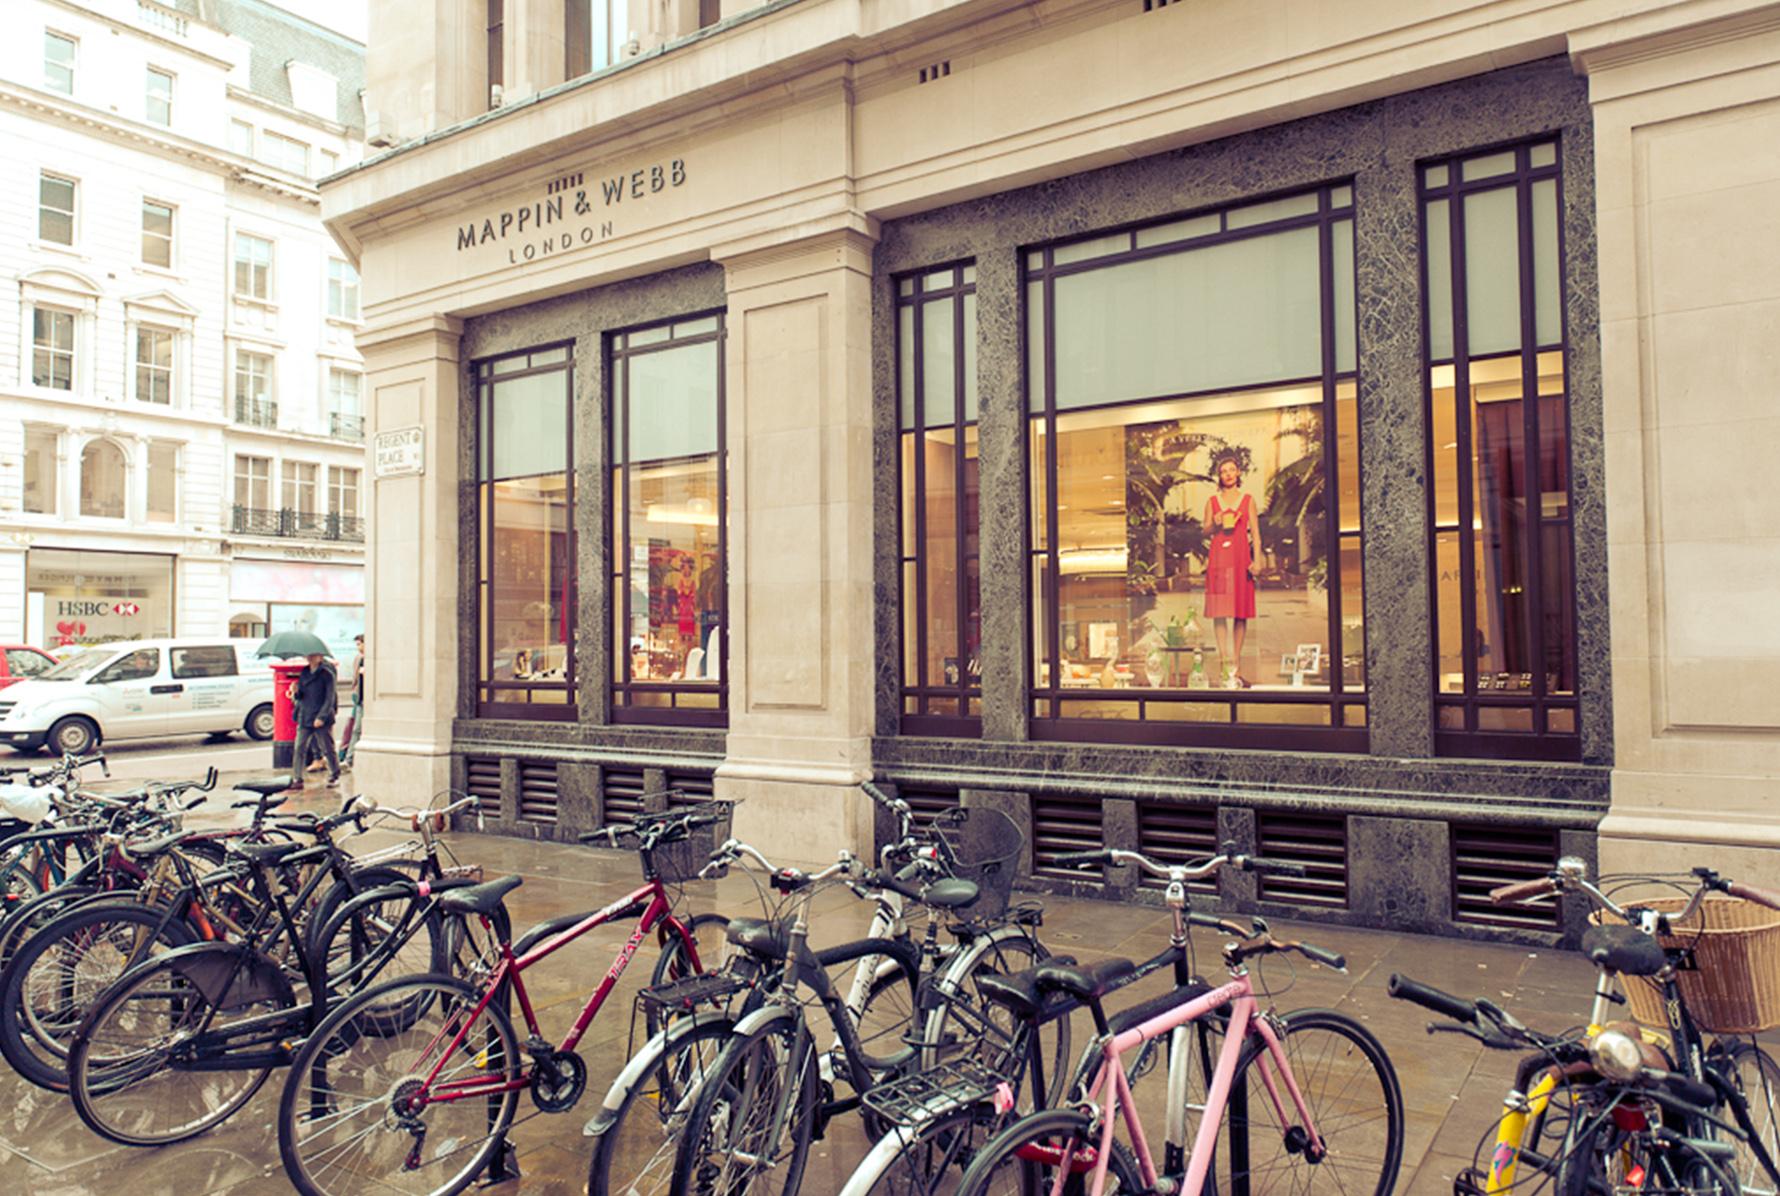 Mappin & Webb in Regent Street London